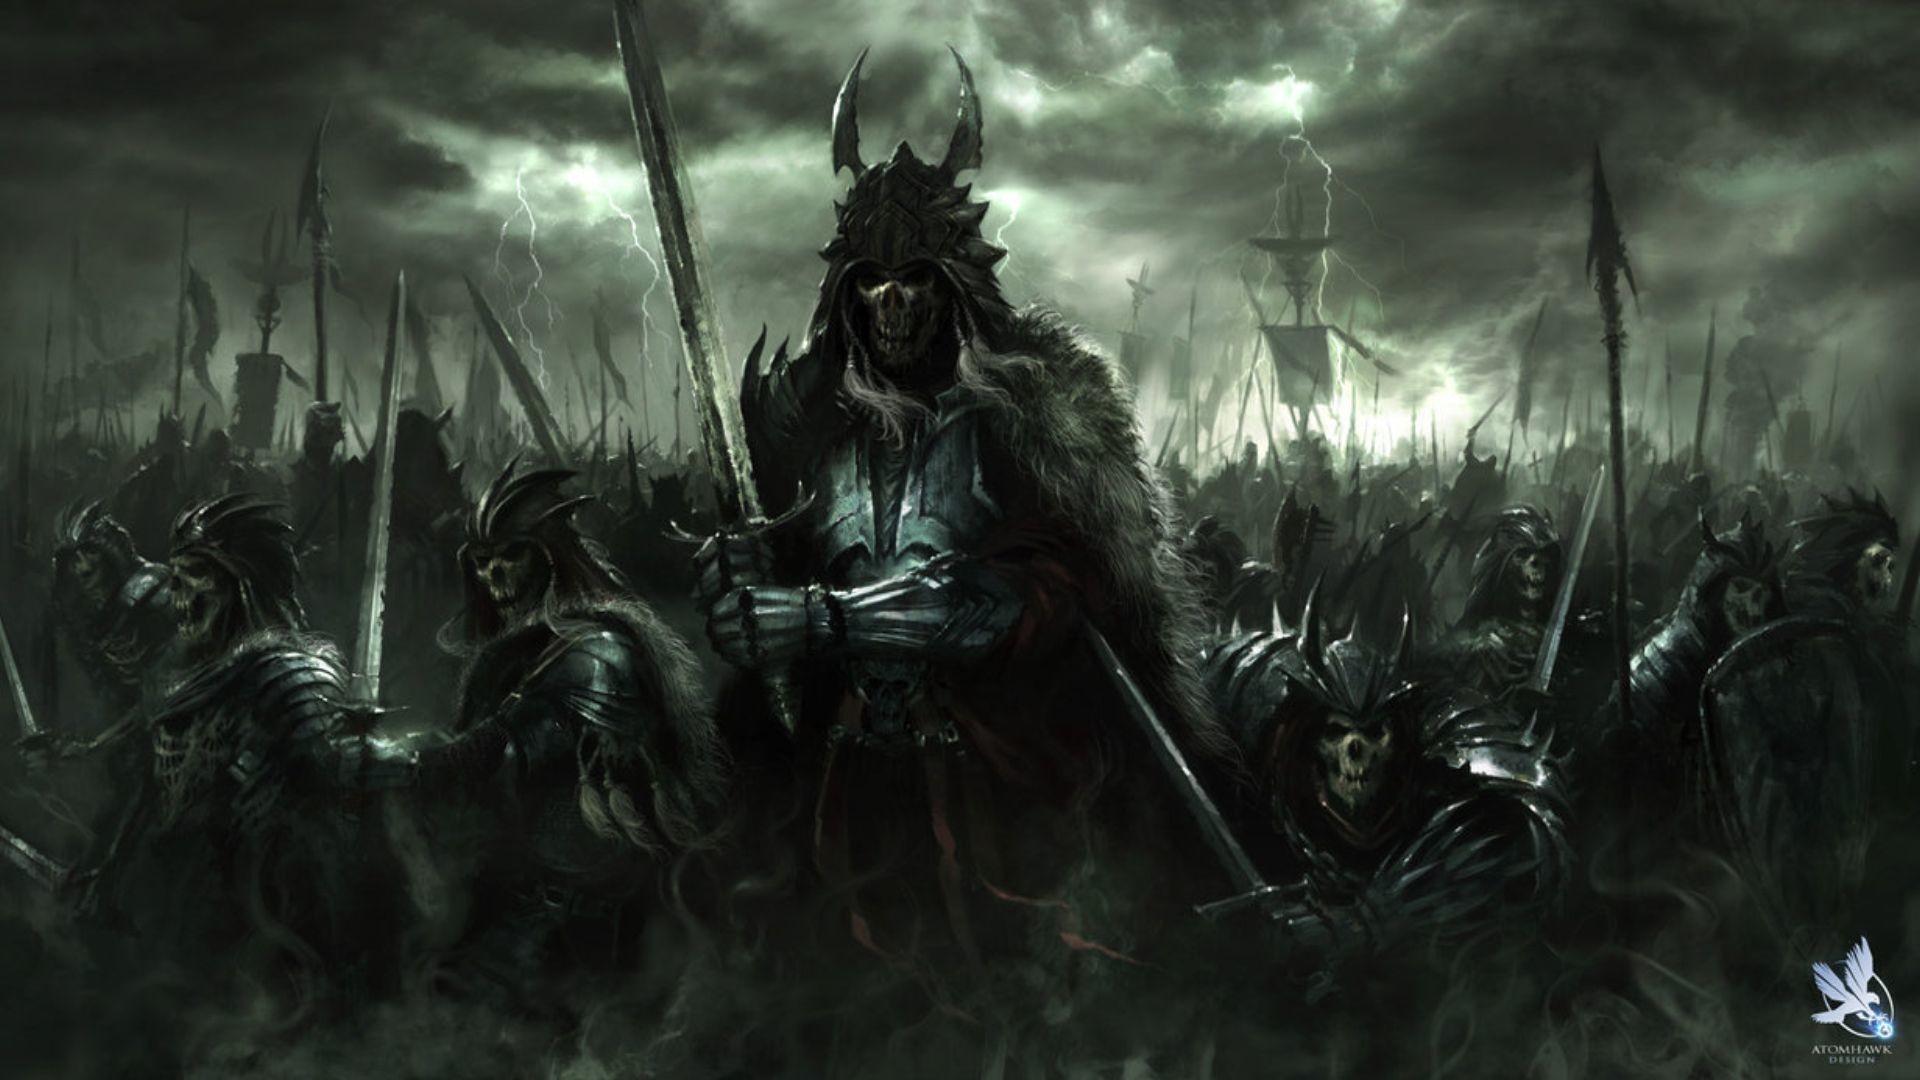 dark art | fantasy art dark horror demon skull warrior wepons army wallpaper  .